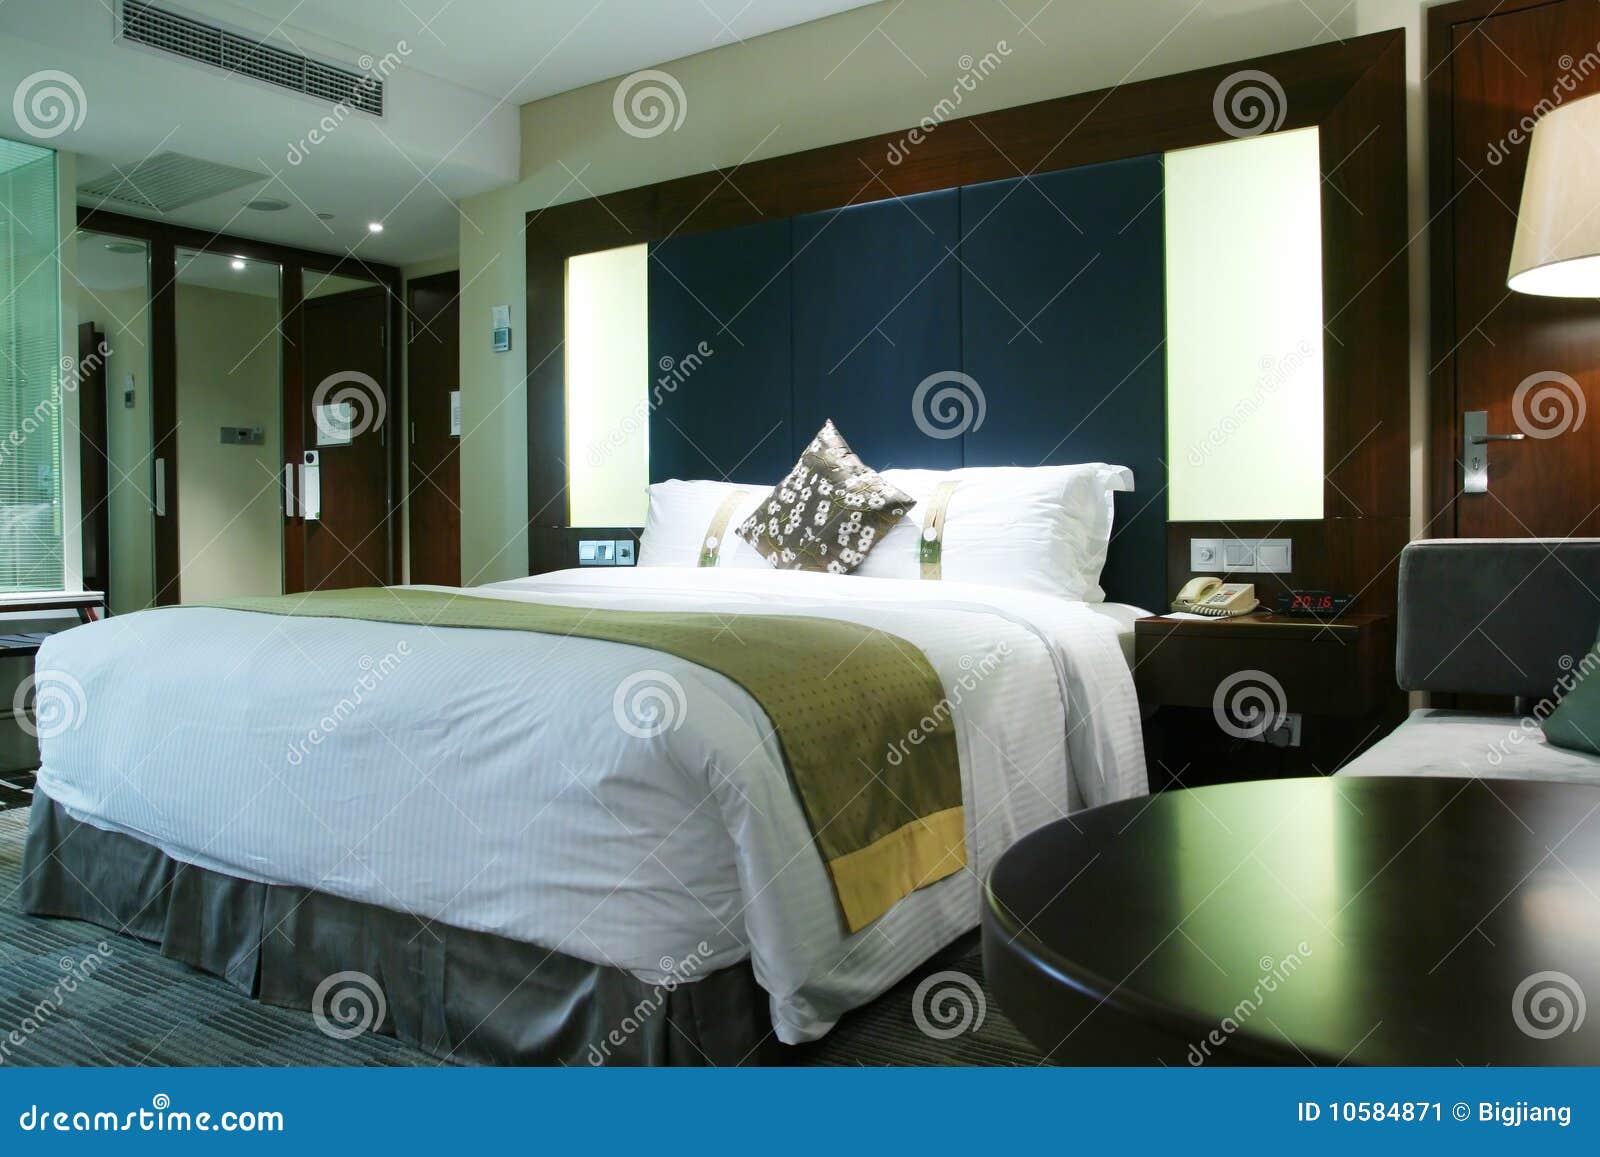 Afbeelding Slaapkamer : De Slaapkamer Van Het Hotel Stock Afbeelding ...